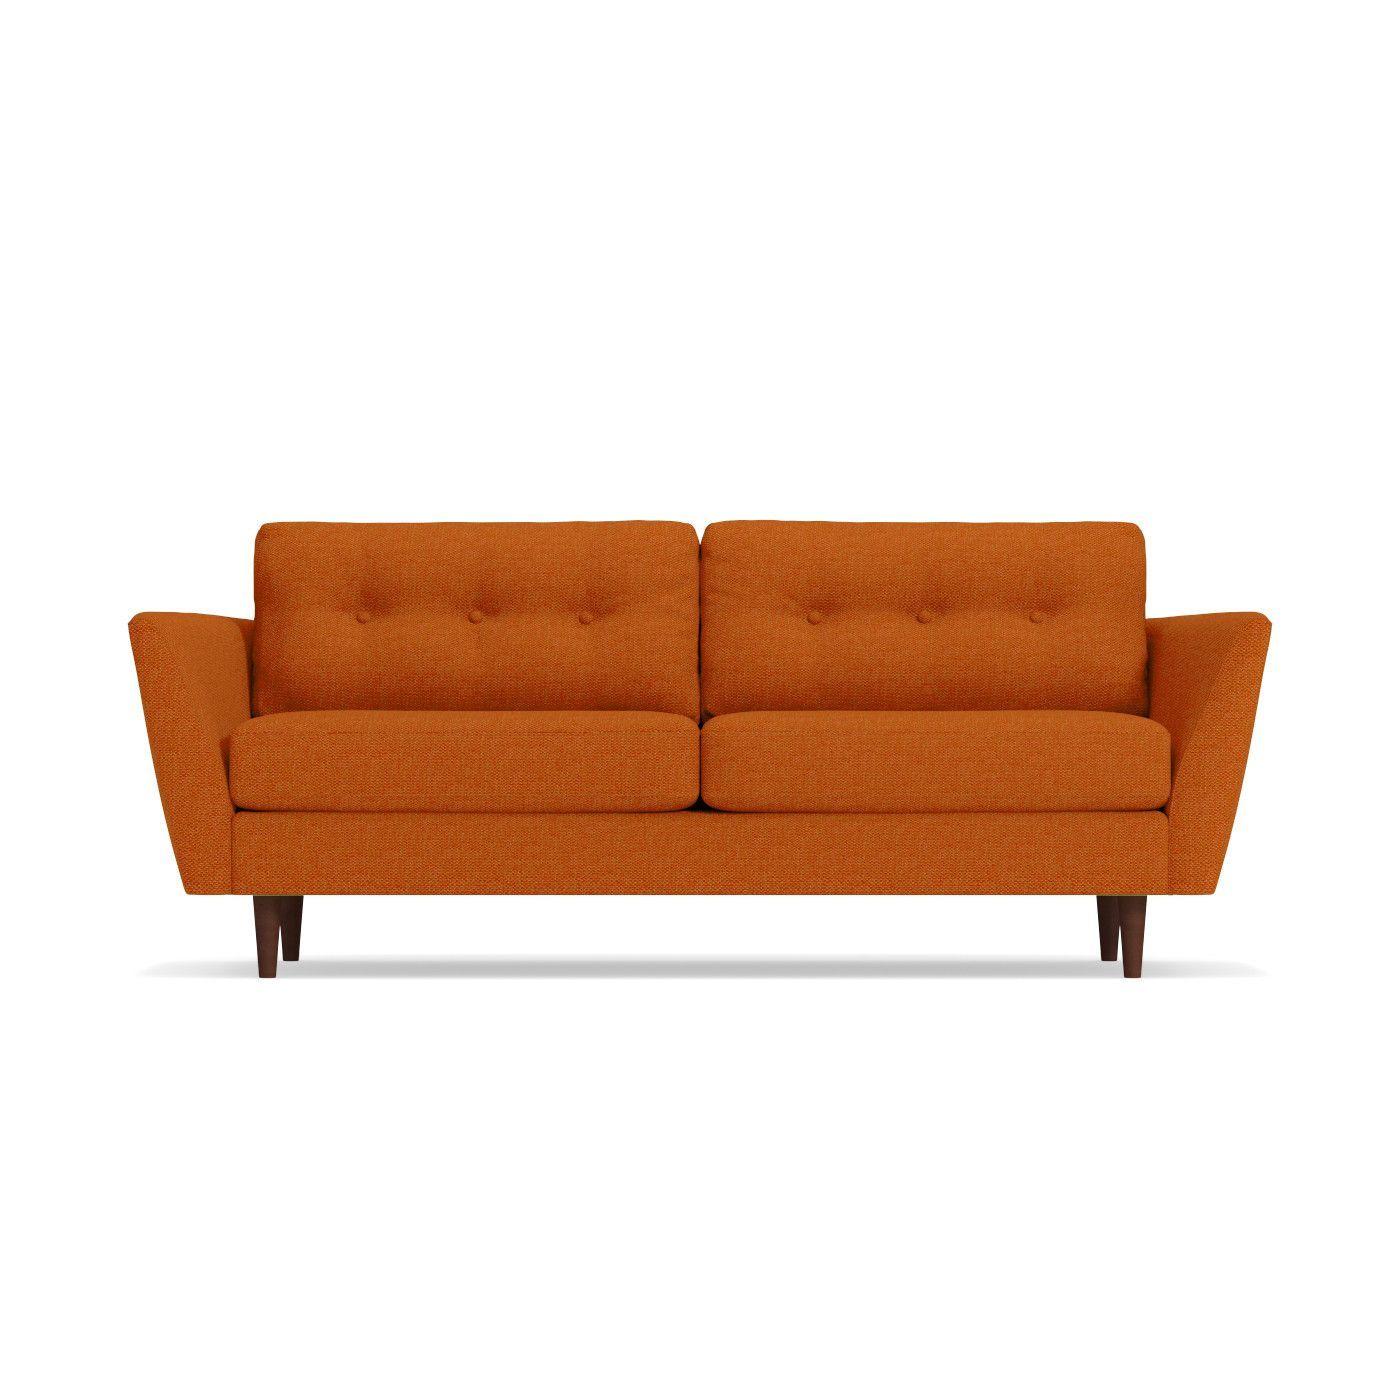 Hedera Eco Friendly Sofa Choice Of Fabrics